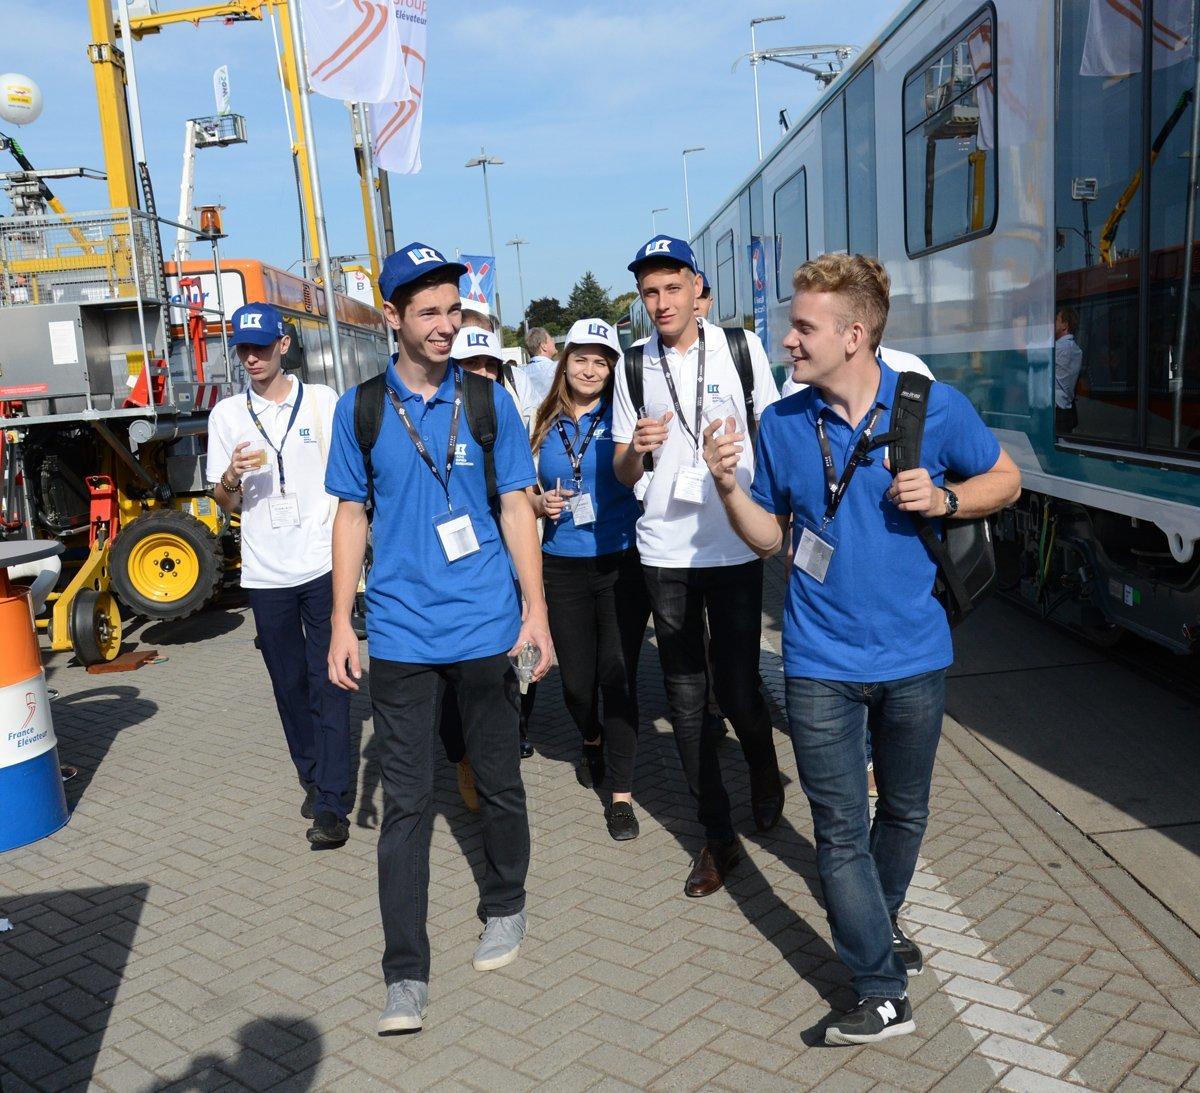 Юные железнодорожники Харькова посетили Германию в рамках престижного конкурса  , фото-1